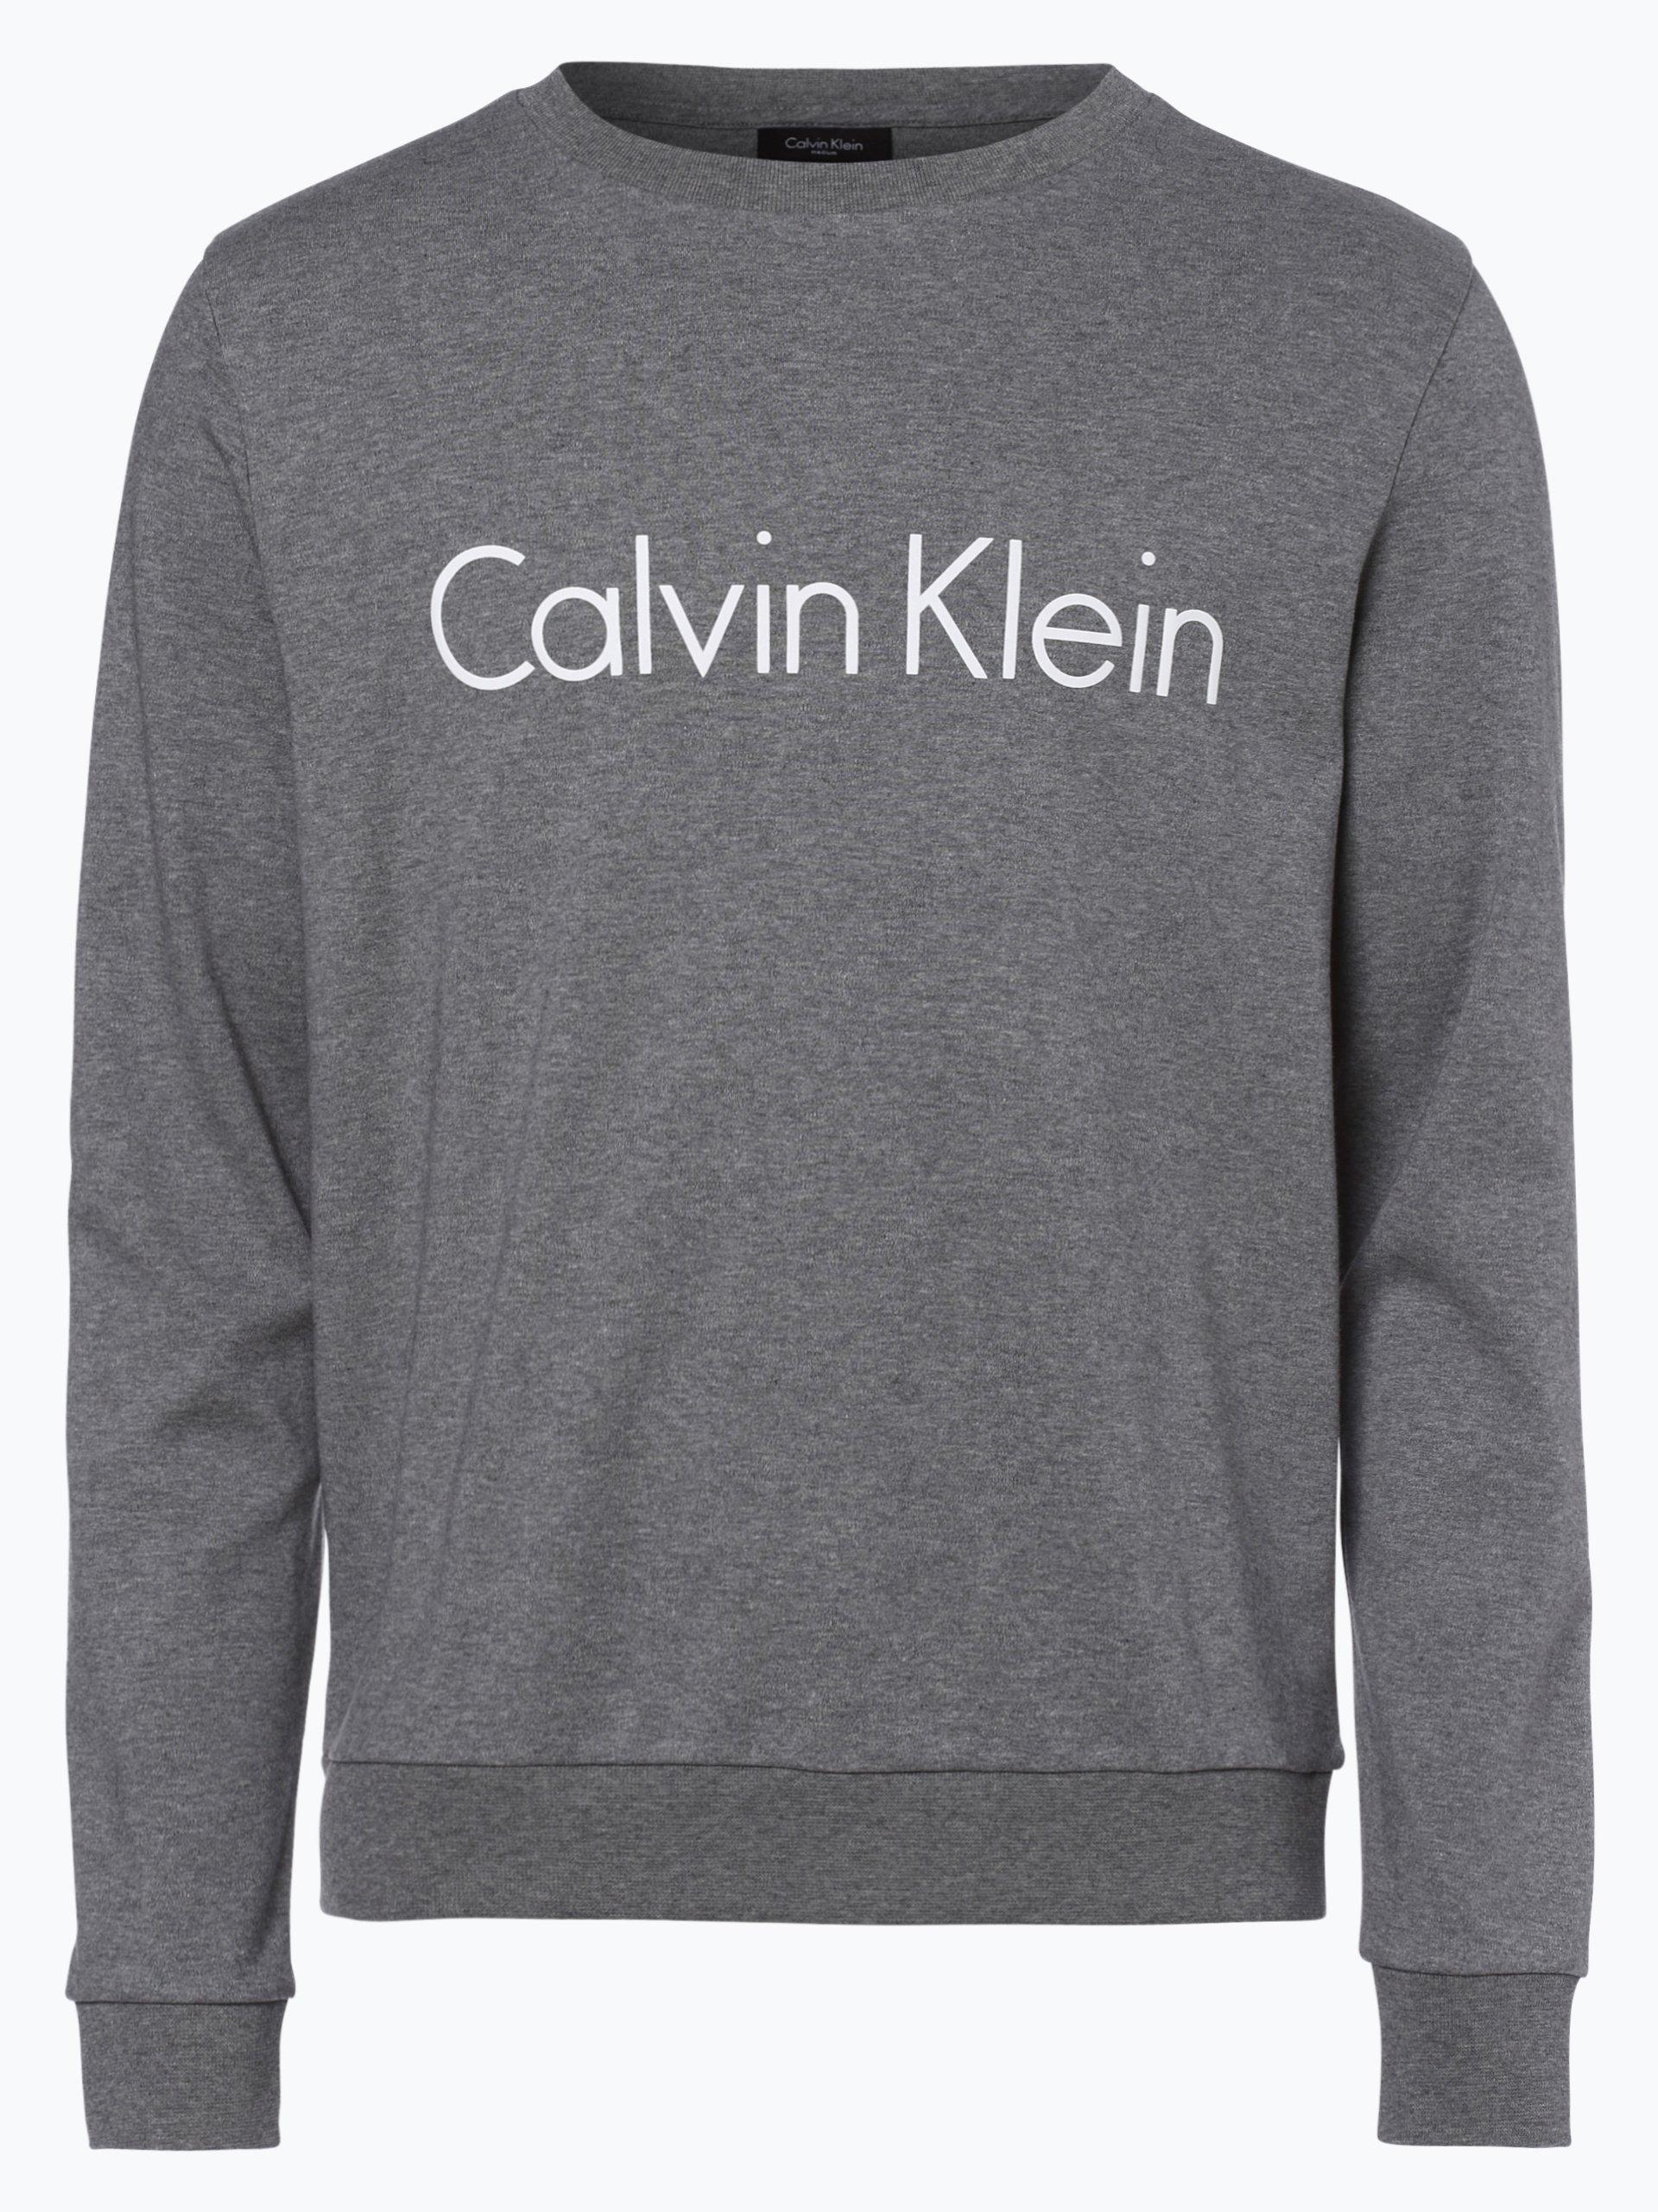 calvin klein herren sweatshirt grau bedruckt online kaufen peek und cloppenburg de. Black Bedroom Furniture Sets. Home Design Ideas